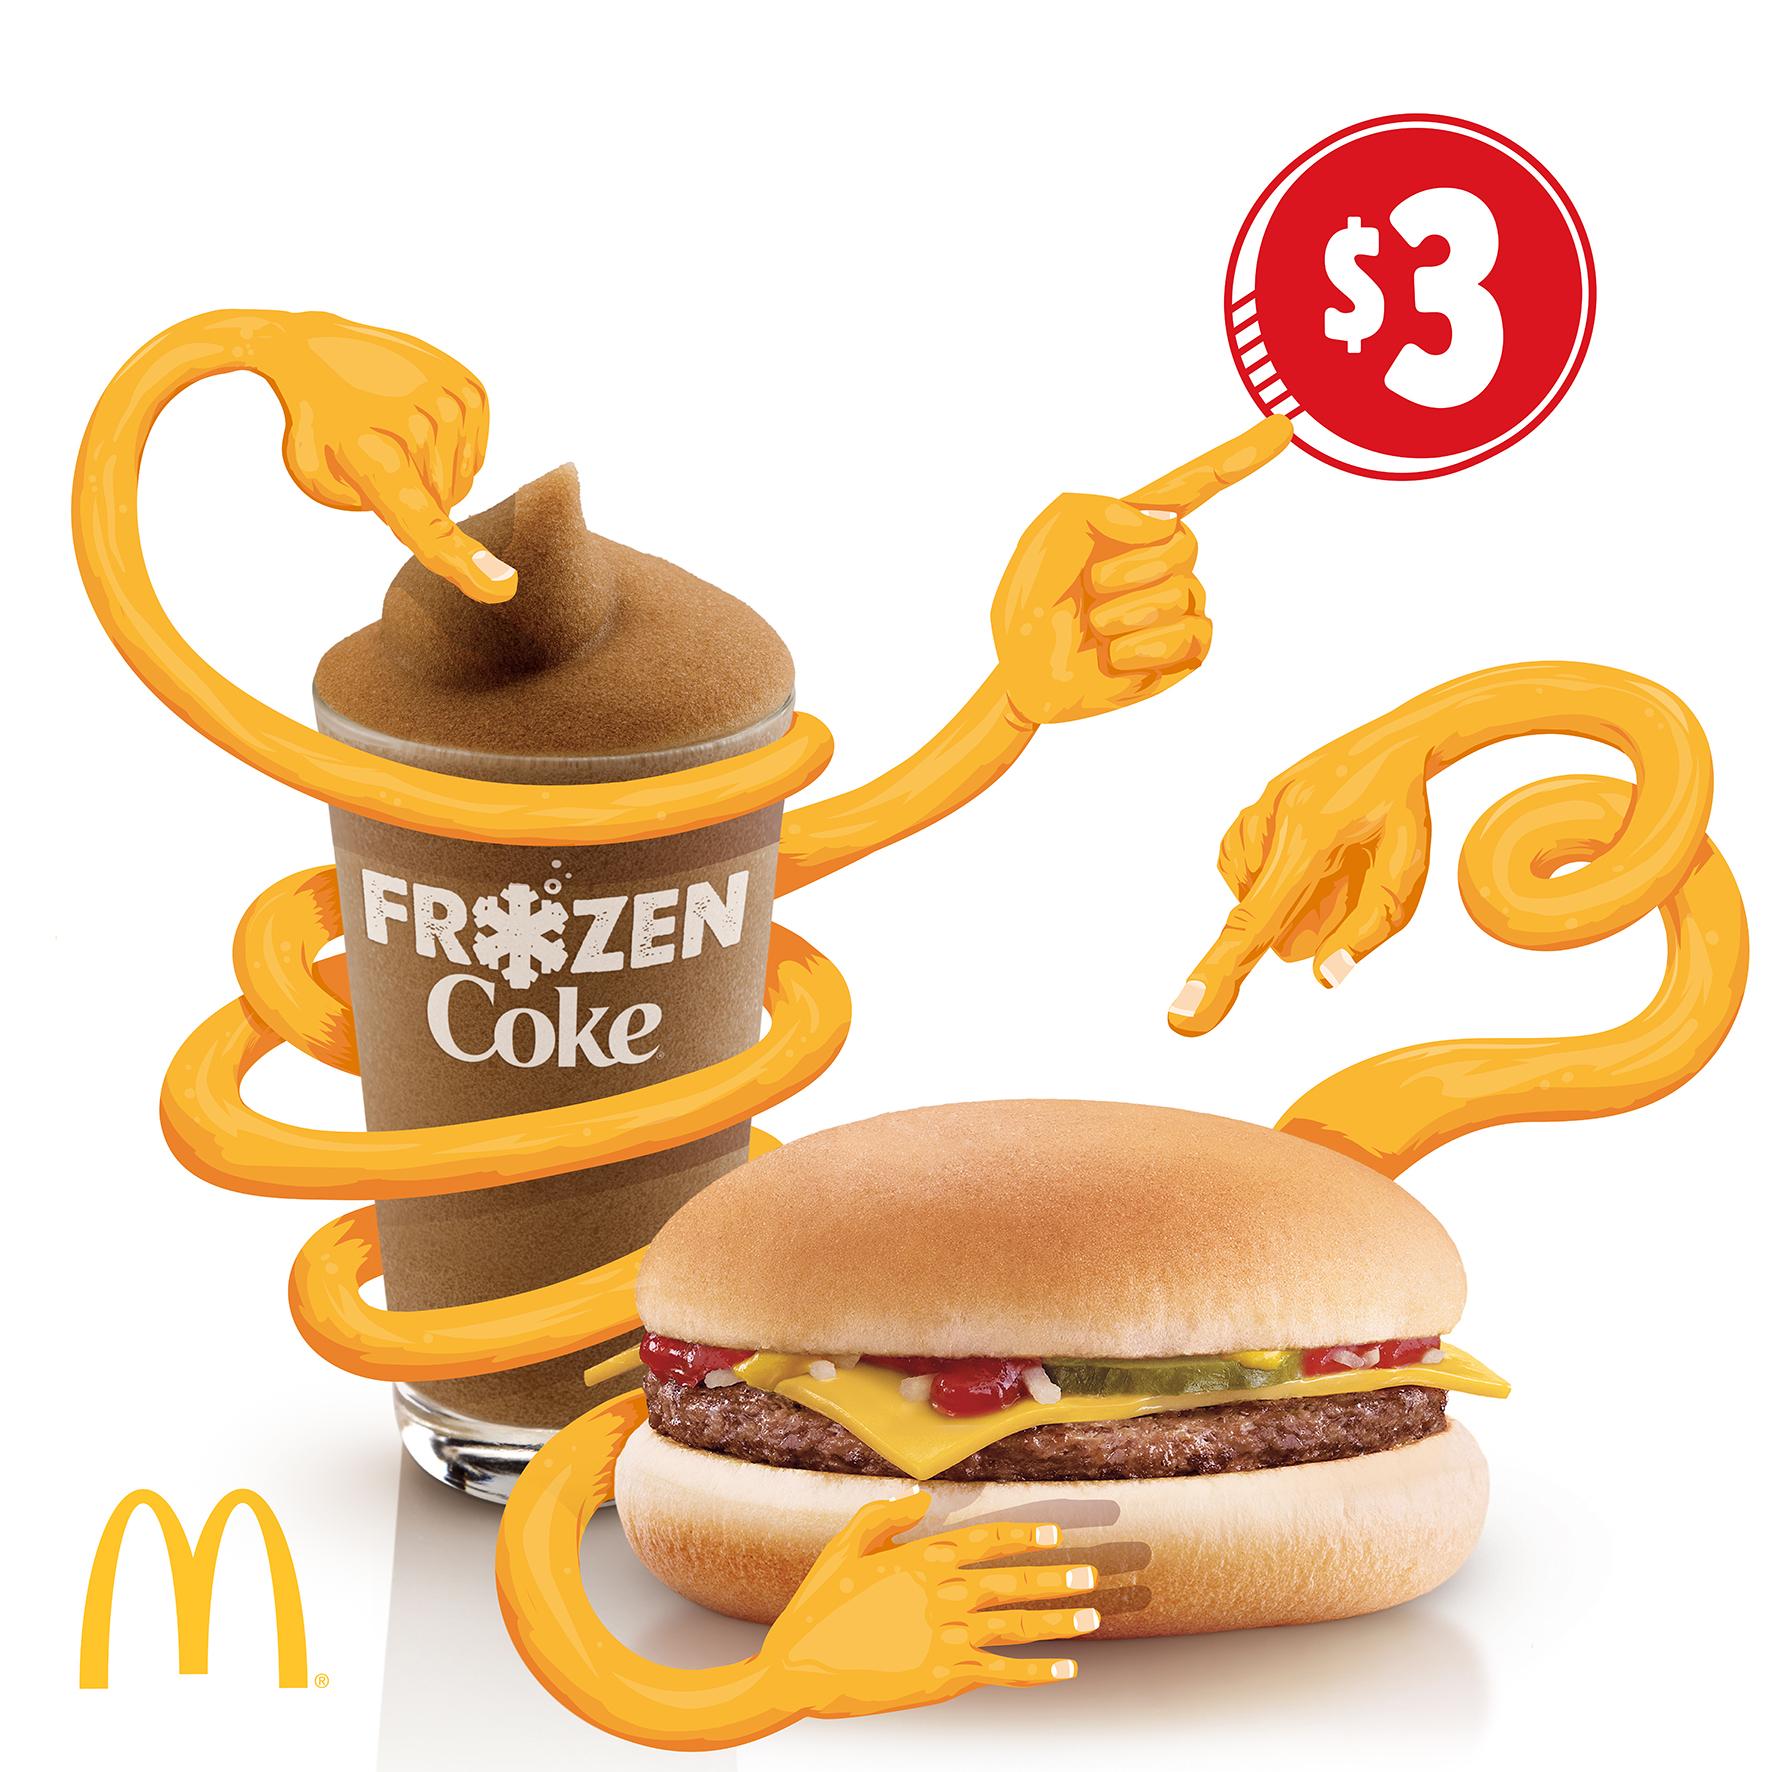 mcdonalds+hands+FSB-Cheeseburger-Template+3+NEW-01.jpg